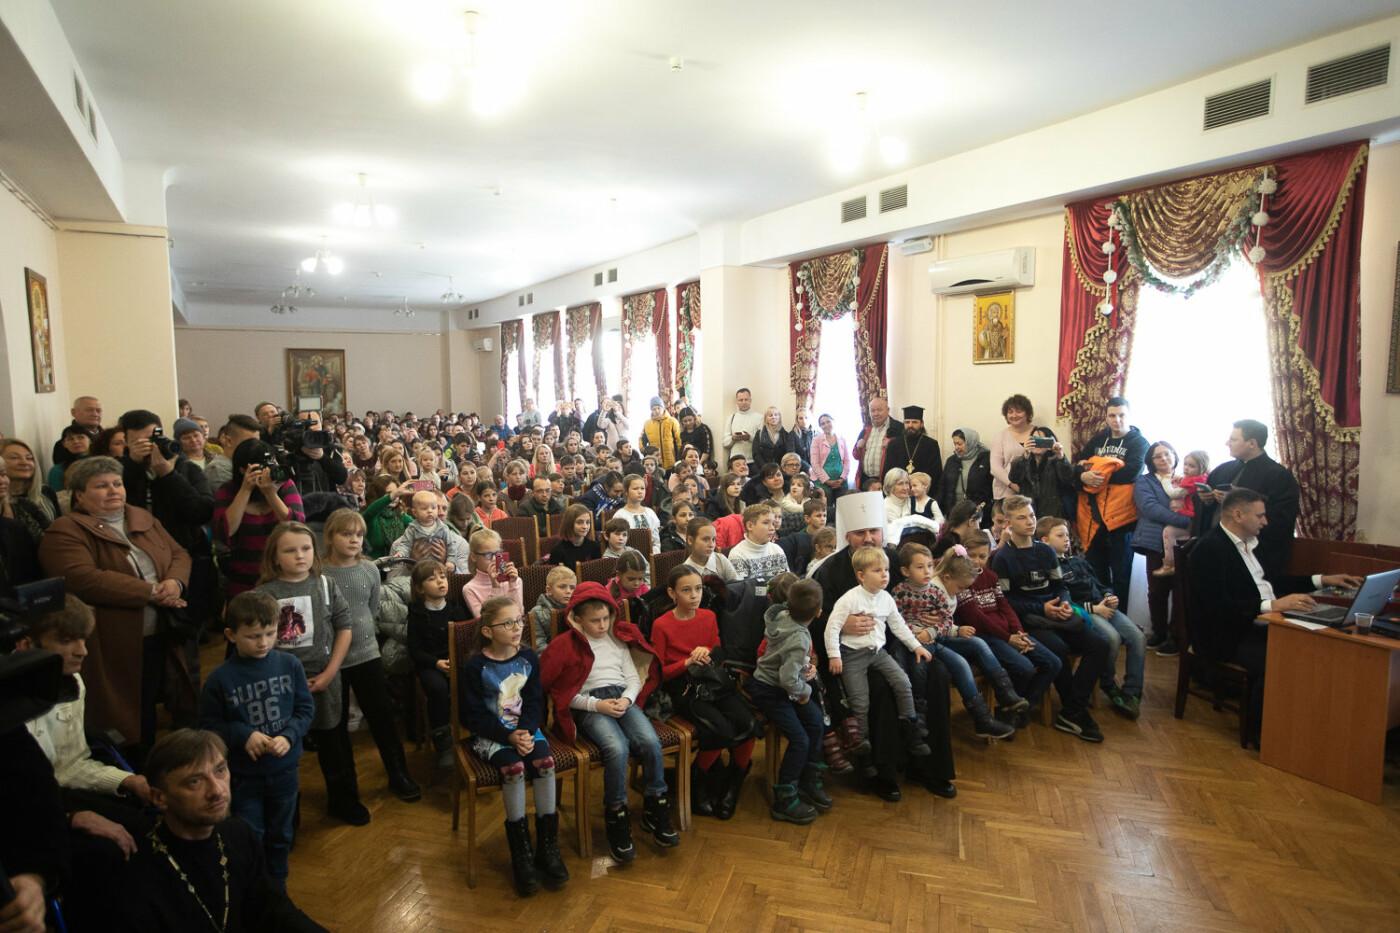 Святий Миколай мандрує Україною разом з «АТБ» та виконує побажання малечі, фото-7